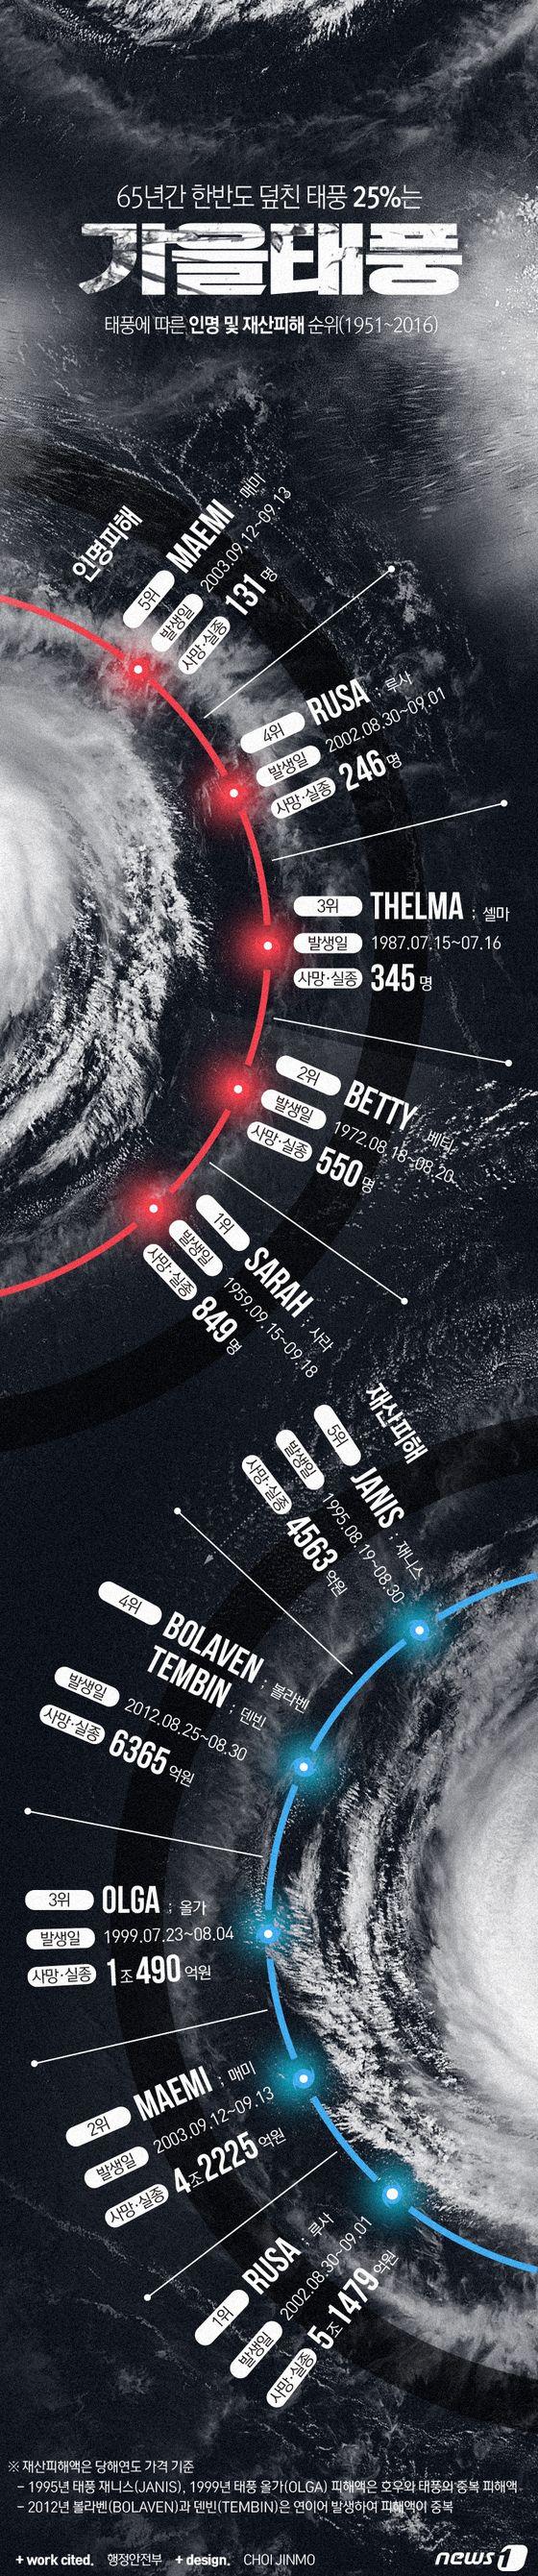 [그래픽뉴스]65년간 한반도 덮친 태풍 25% '가을태풍'